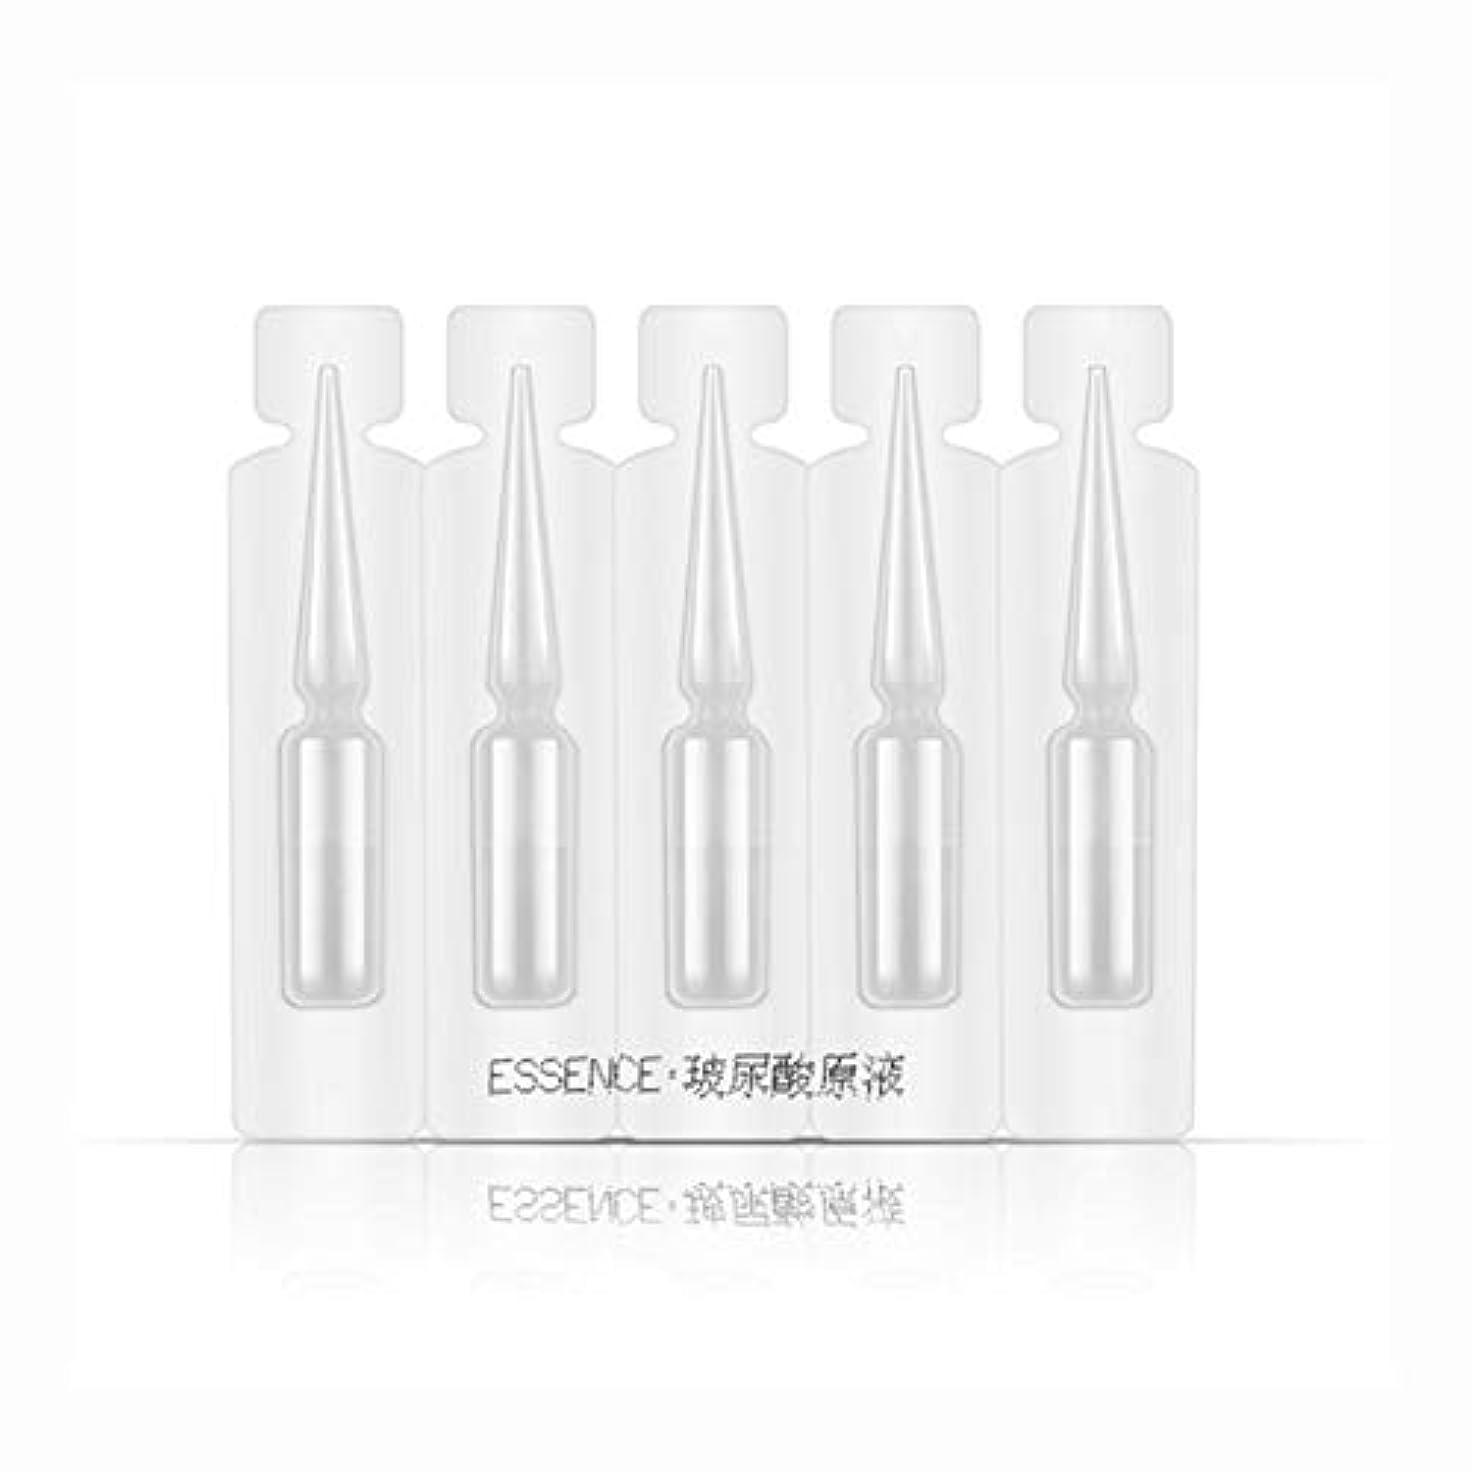 とティーム構成ネブBETTER YOU (ベター ュー) ヒアルロン酸ケアソリューション、ホワイトニングエッセンス、抗酸化、美白ライン、保湿、オイルコントロール